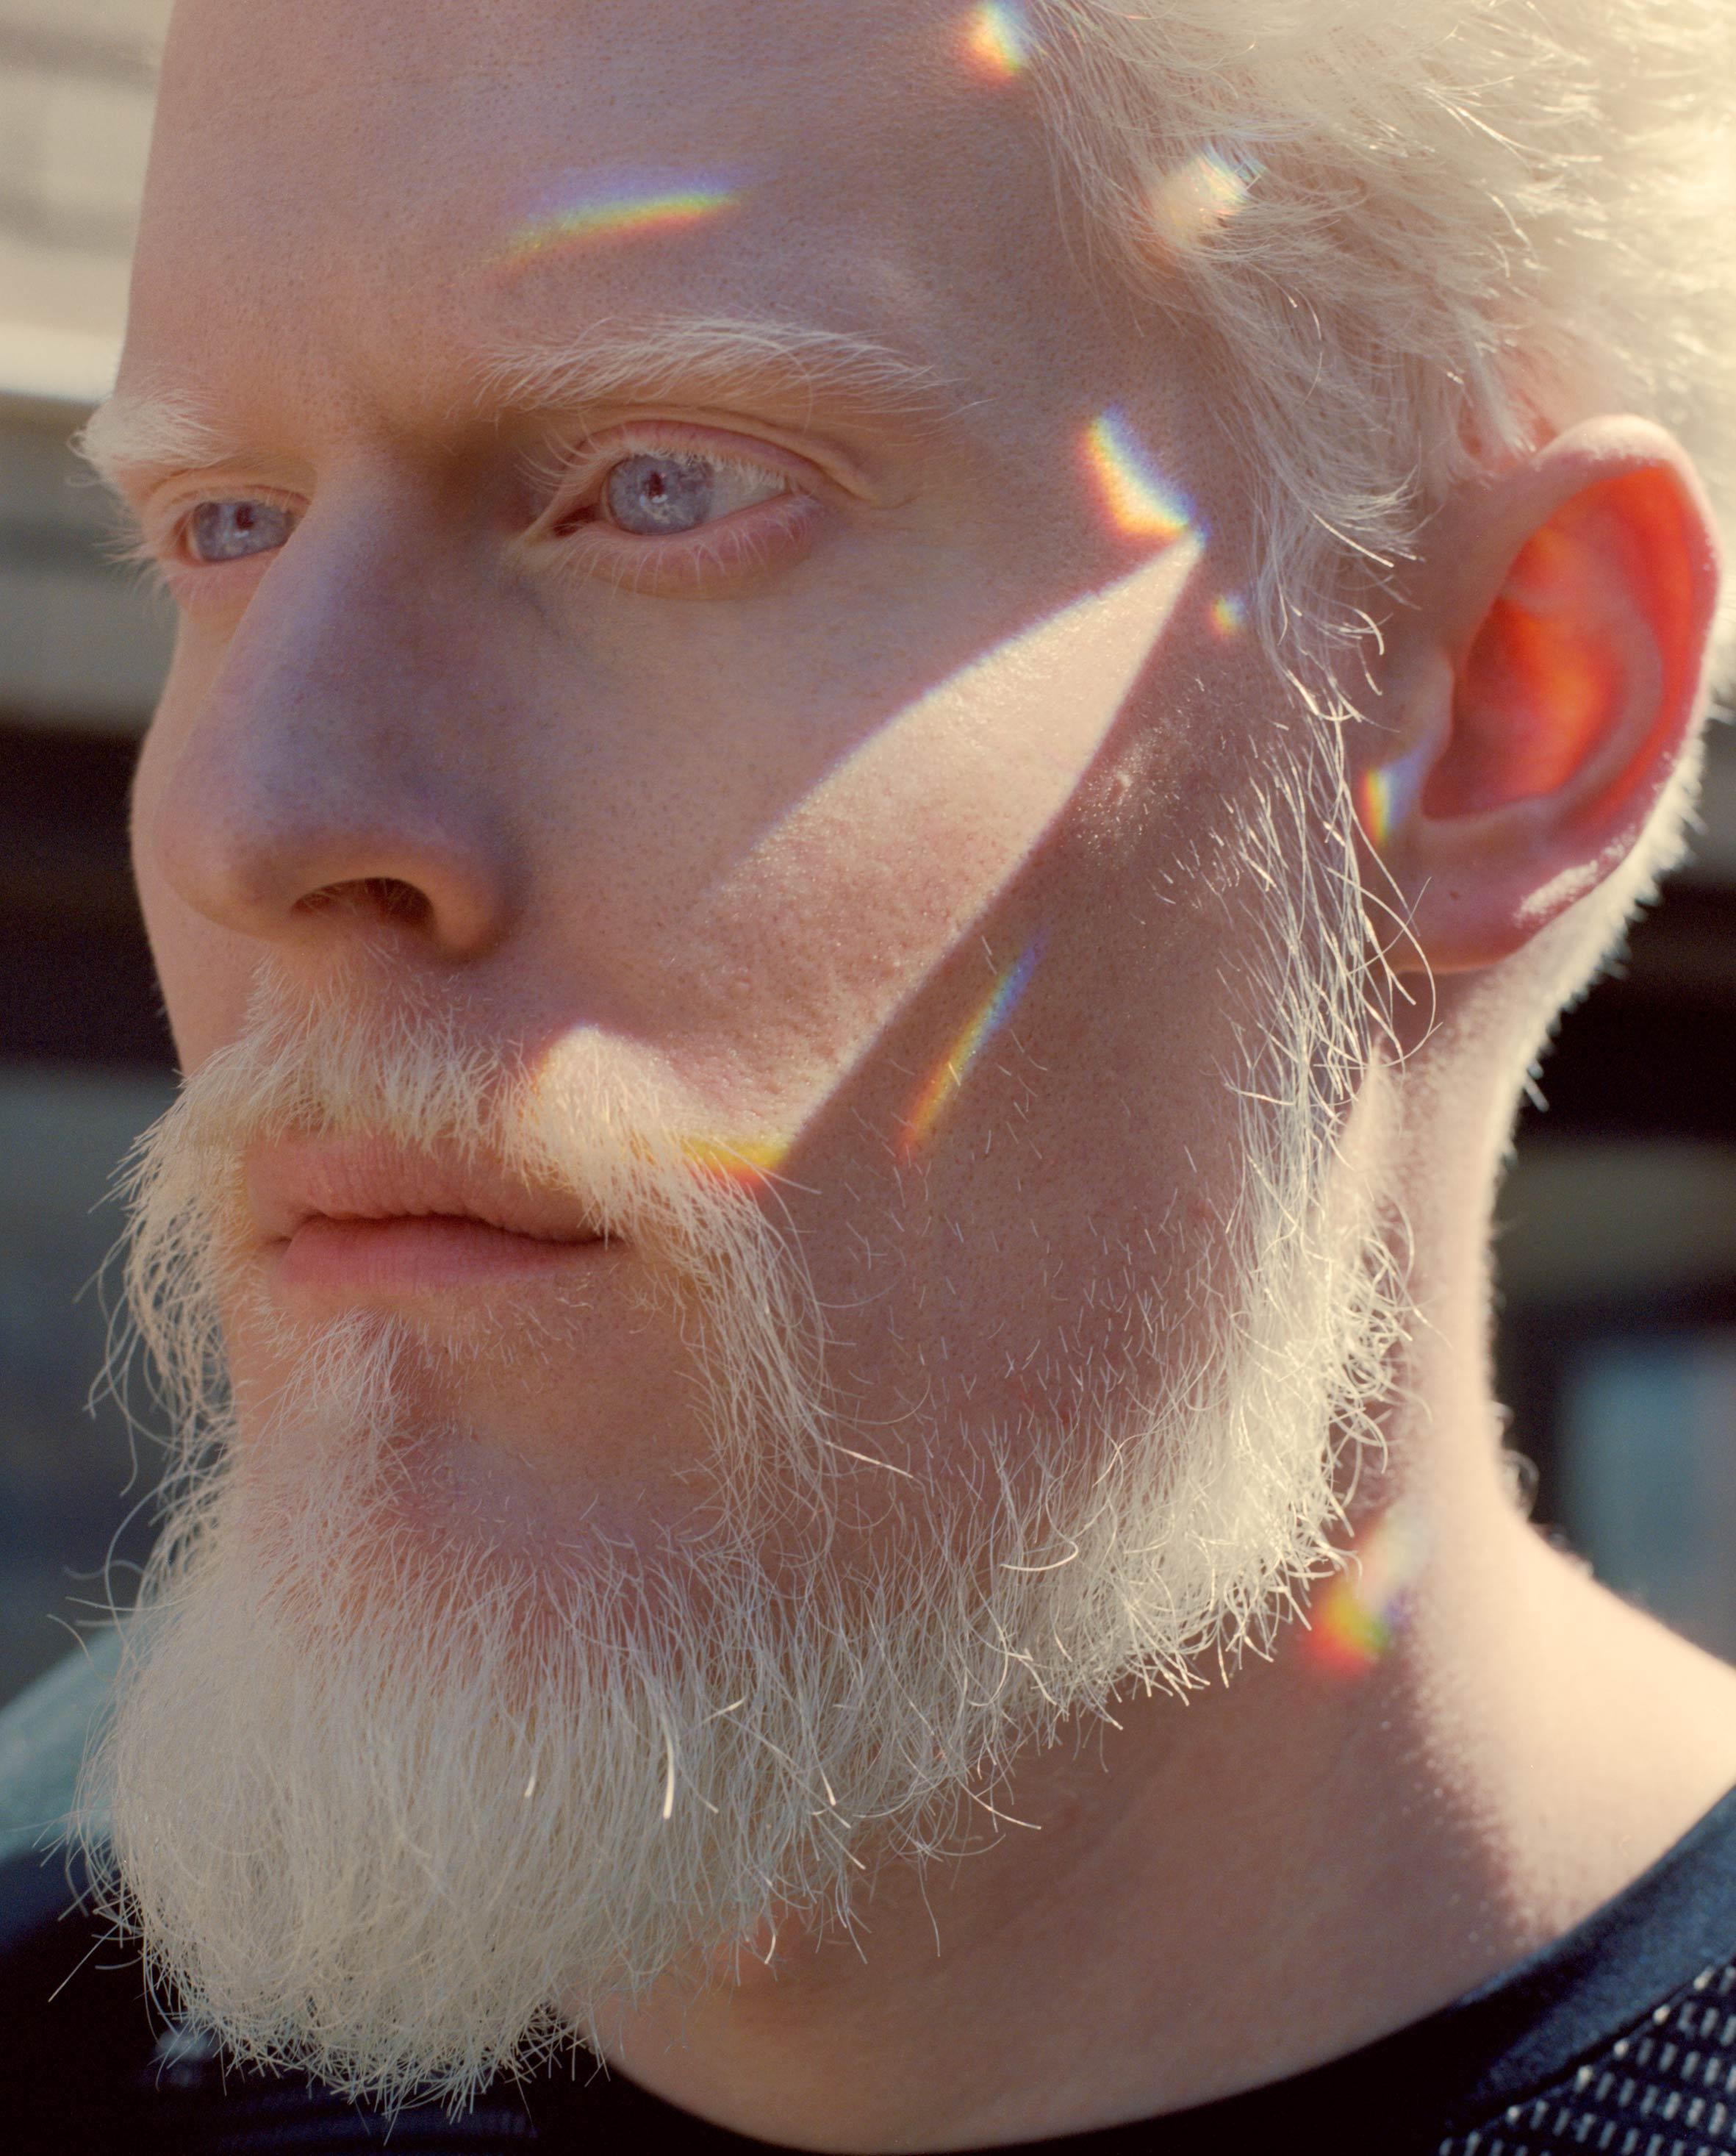 Shaun Ross chez Alexander Mcqueen, Ralph Souffrant chez Yeezy, le culte de la différence et de la singularité semble peu à peu s'immiscer dans l'univers des créateurs. Parmi ceux qui ont permis une telle avancée, on compte Stephen Thompson, atteint d'albinisme et mannequin depuis les années 90. Féru d'art, jazzman accompli, égérie Givenchy, son physique hors norme lui vaut un parcours hors norme. Rencontre.